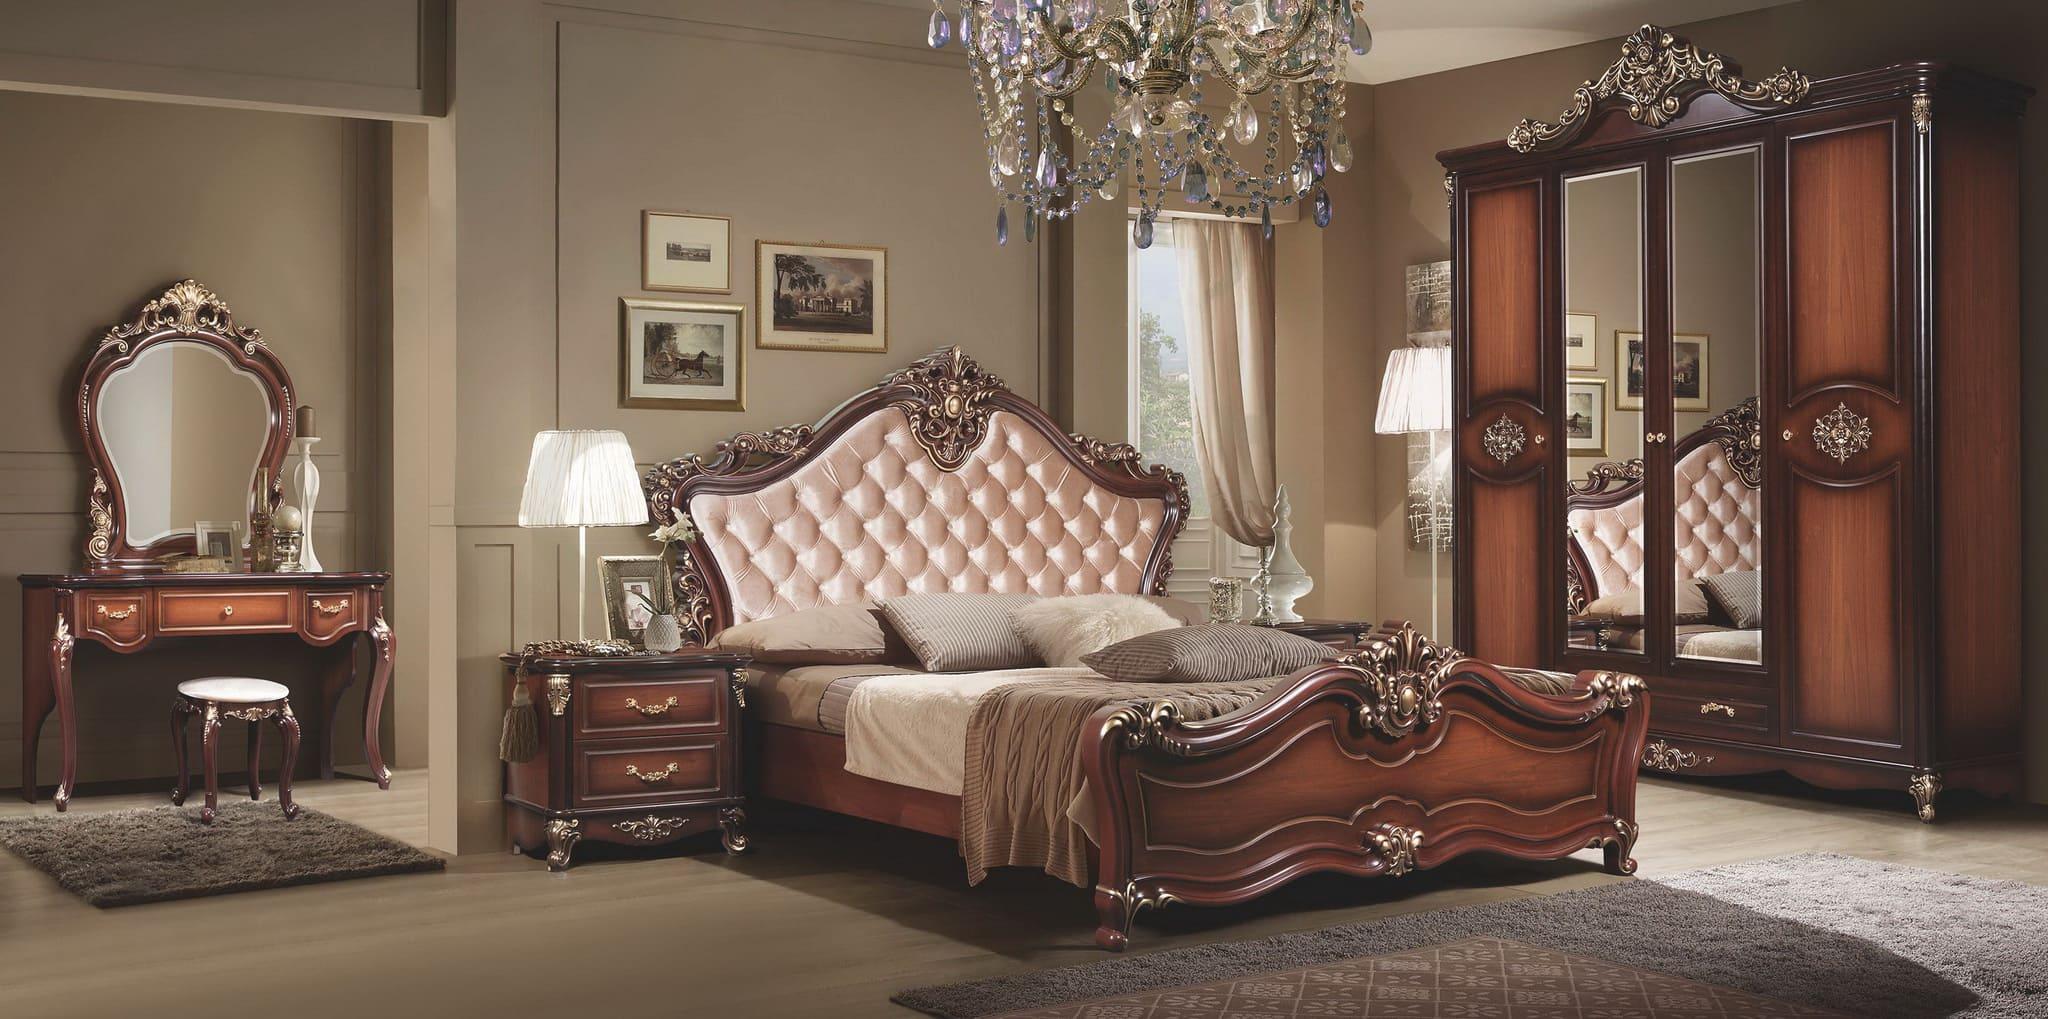 Набор мебели для спальни «Адель-2» ГМ 8910-02